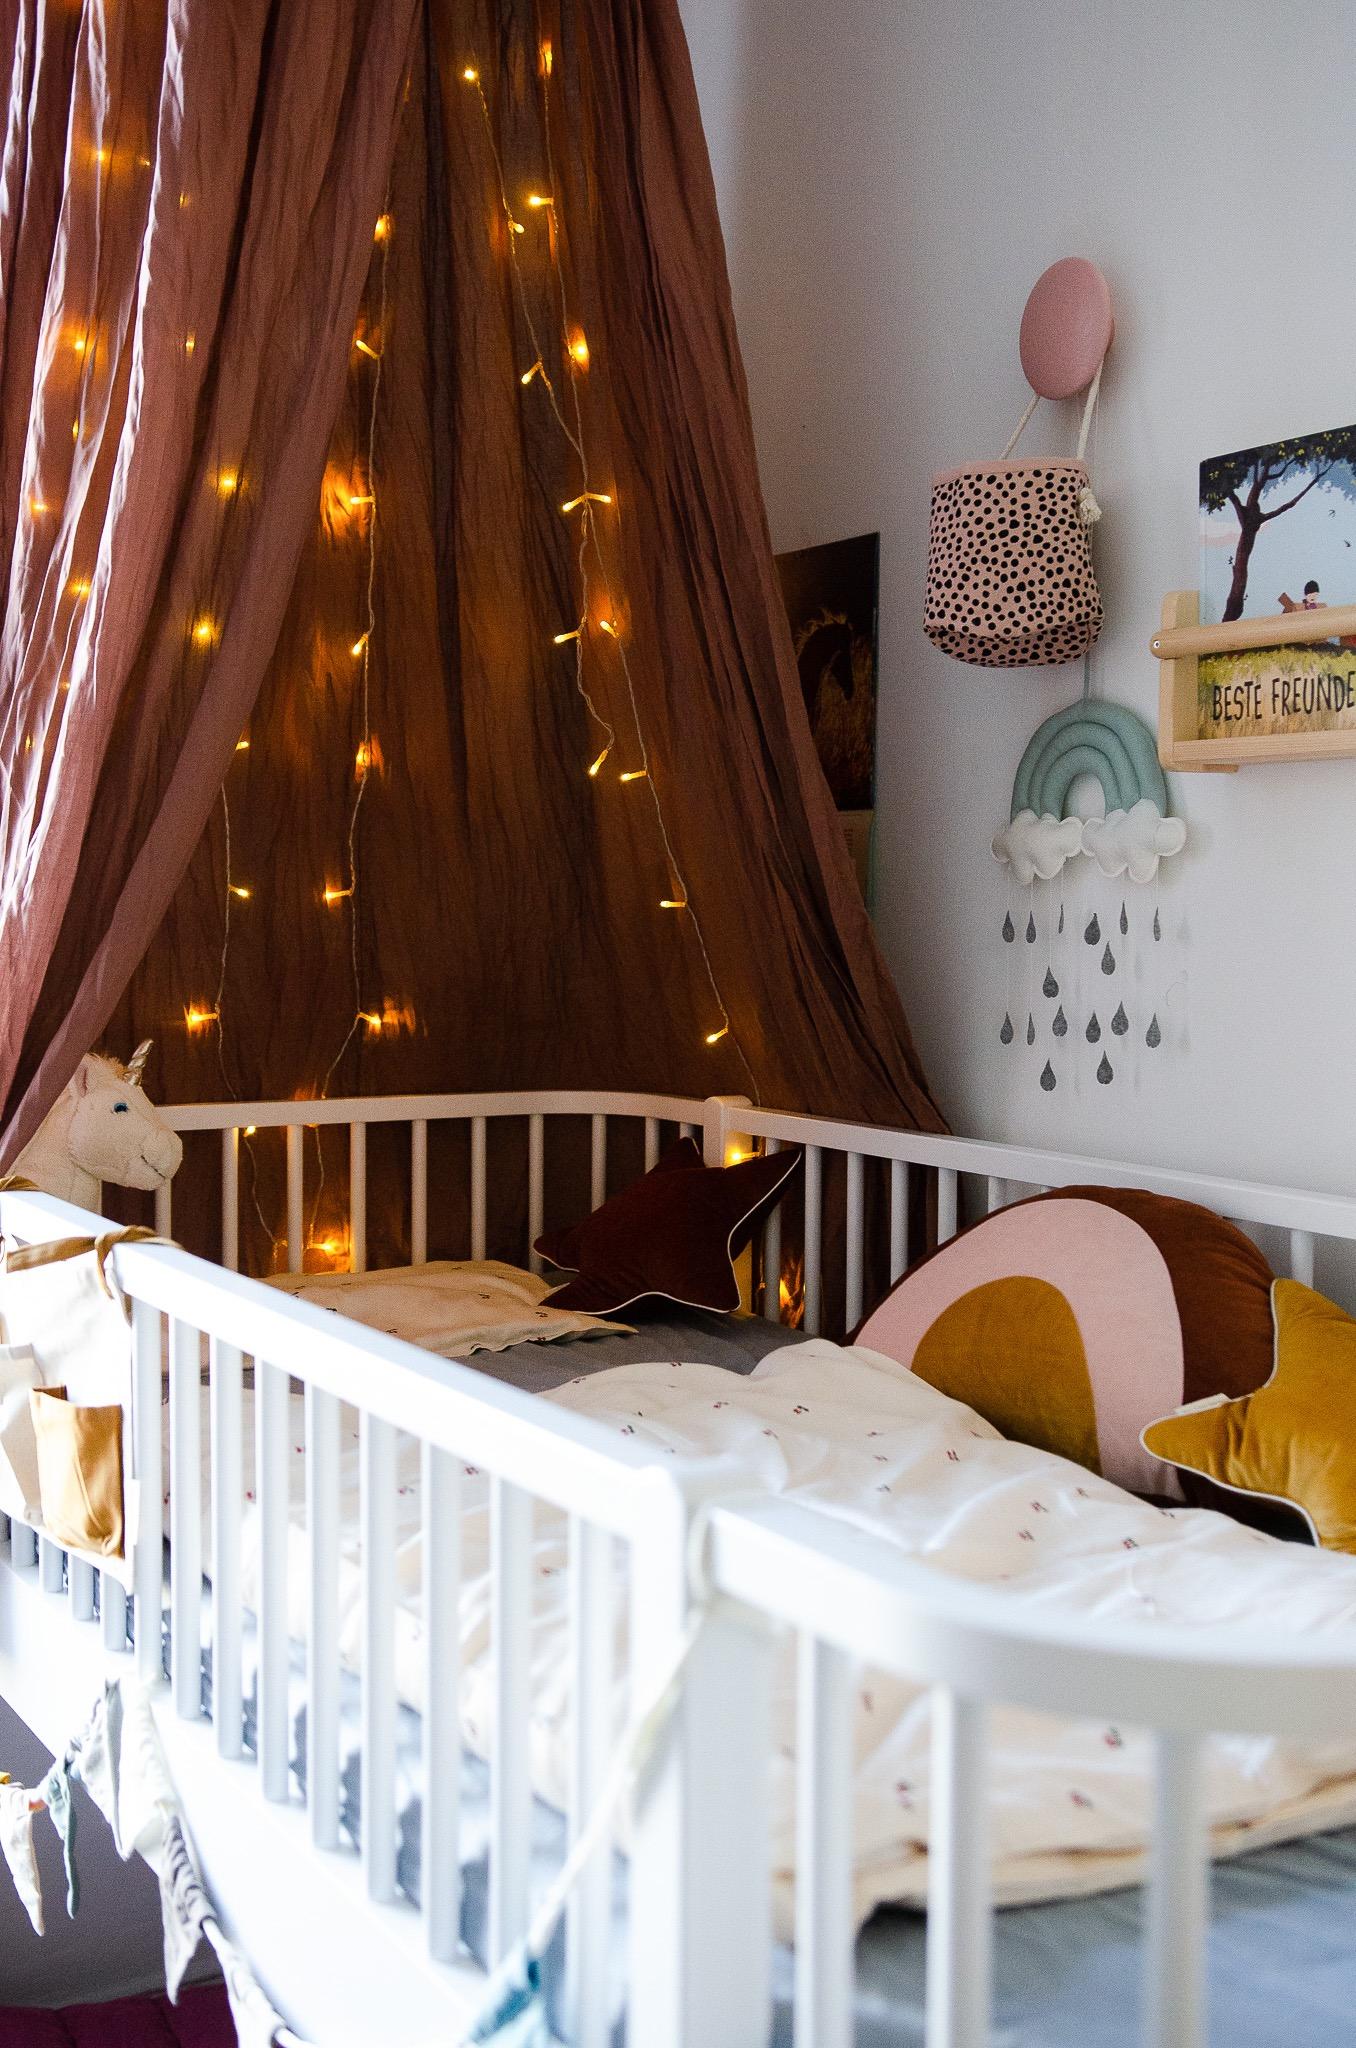 Betthimmel mit Lichterkette - sorgt für einen kuscheligen Rückzugsort im Hochbett